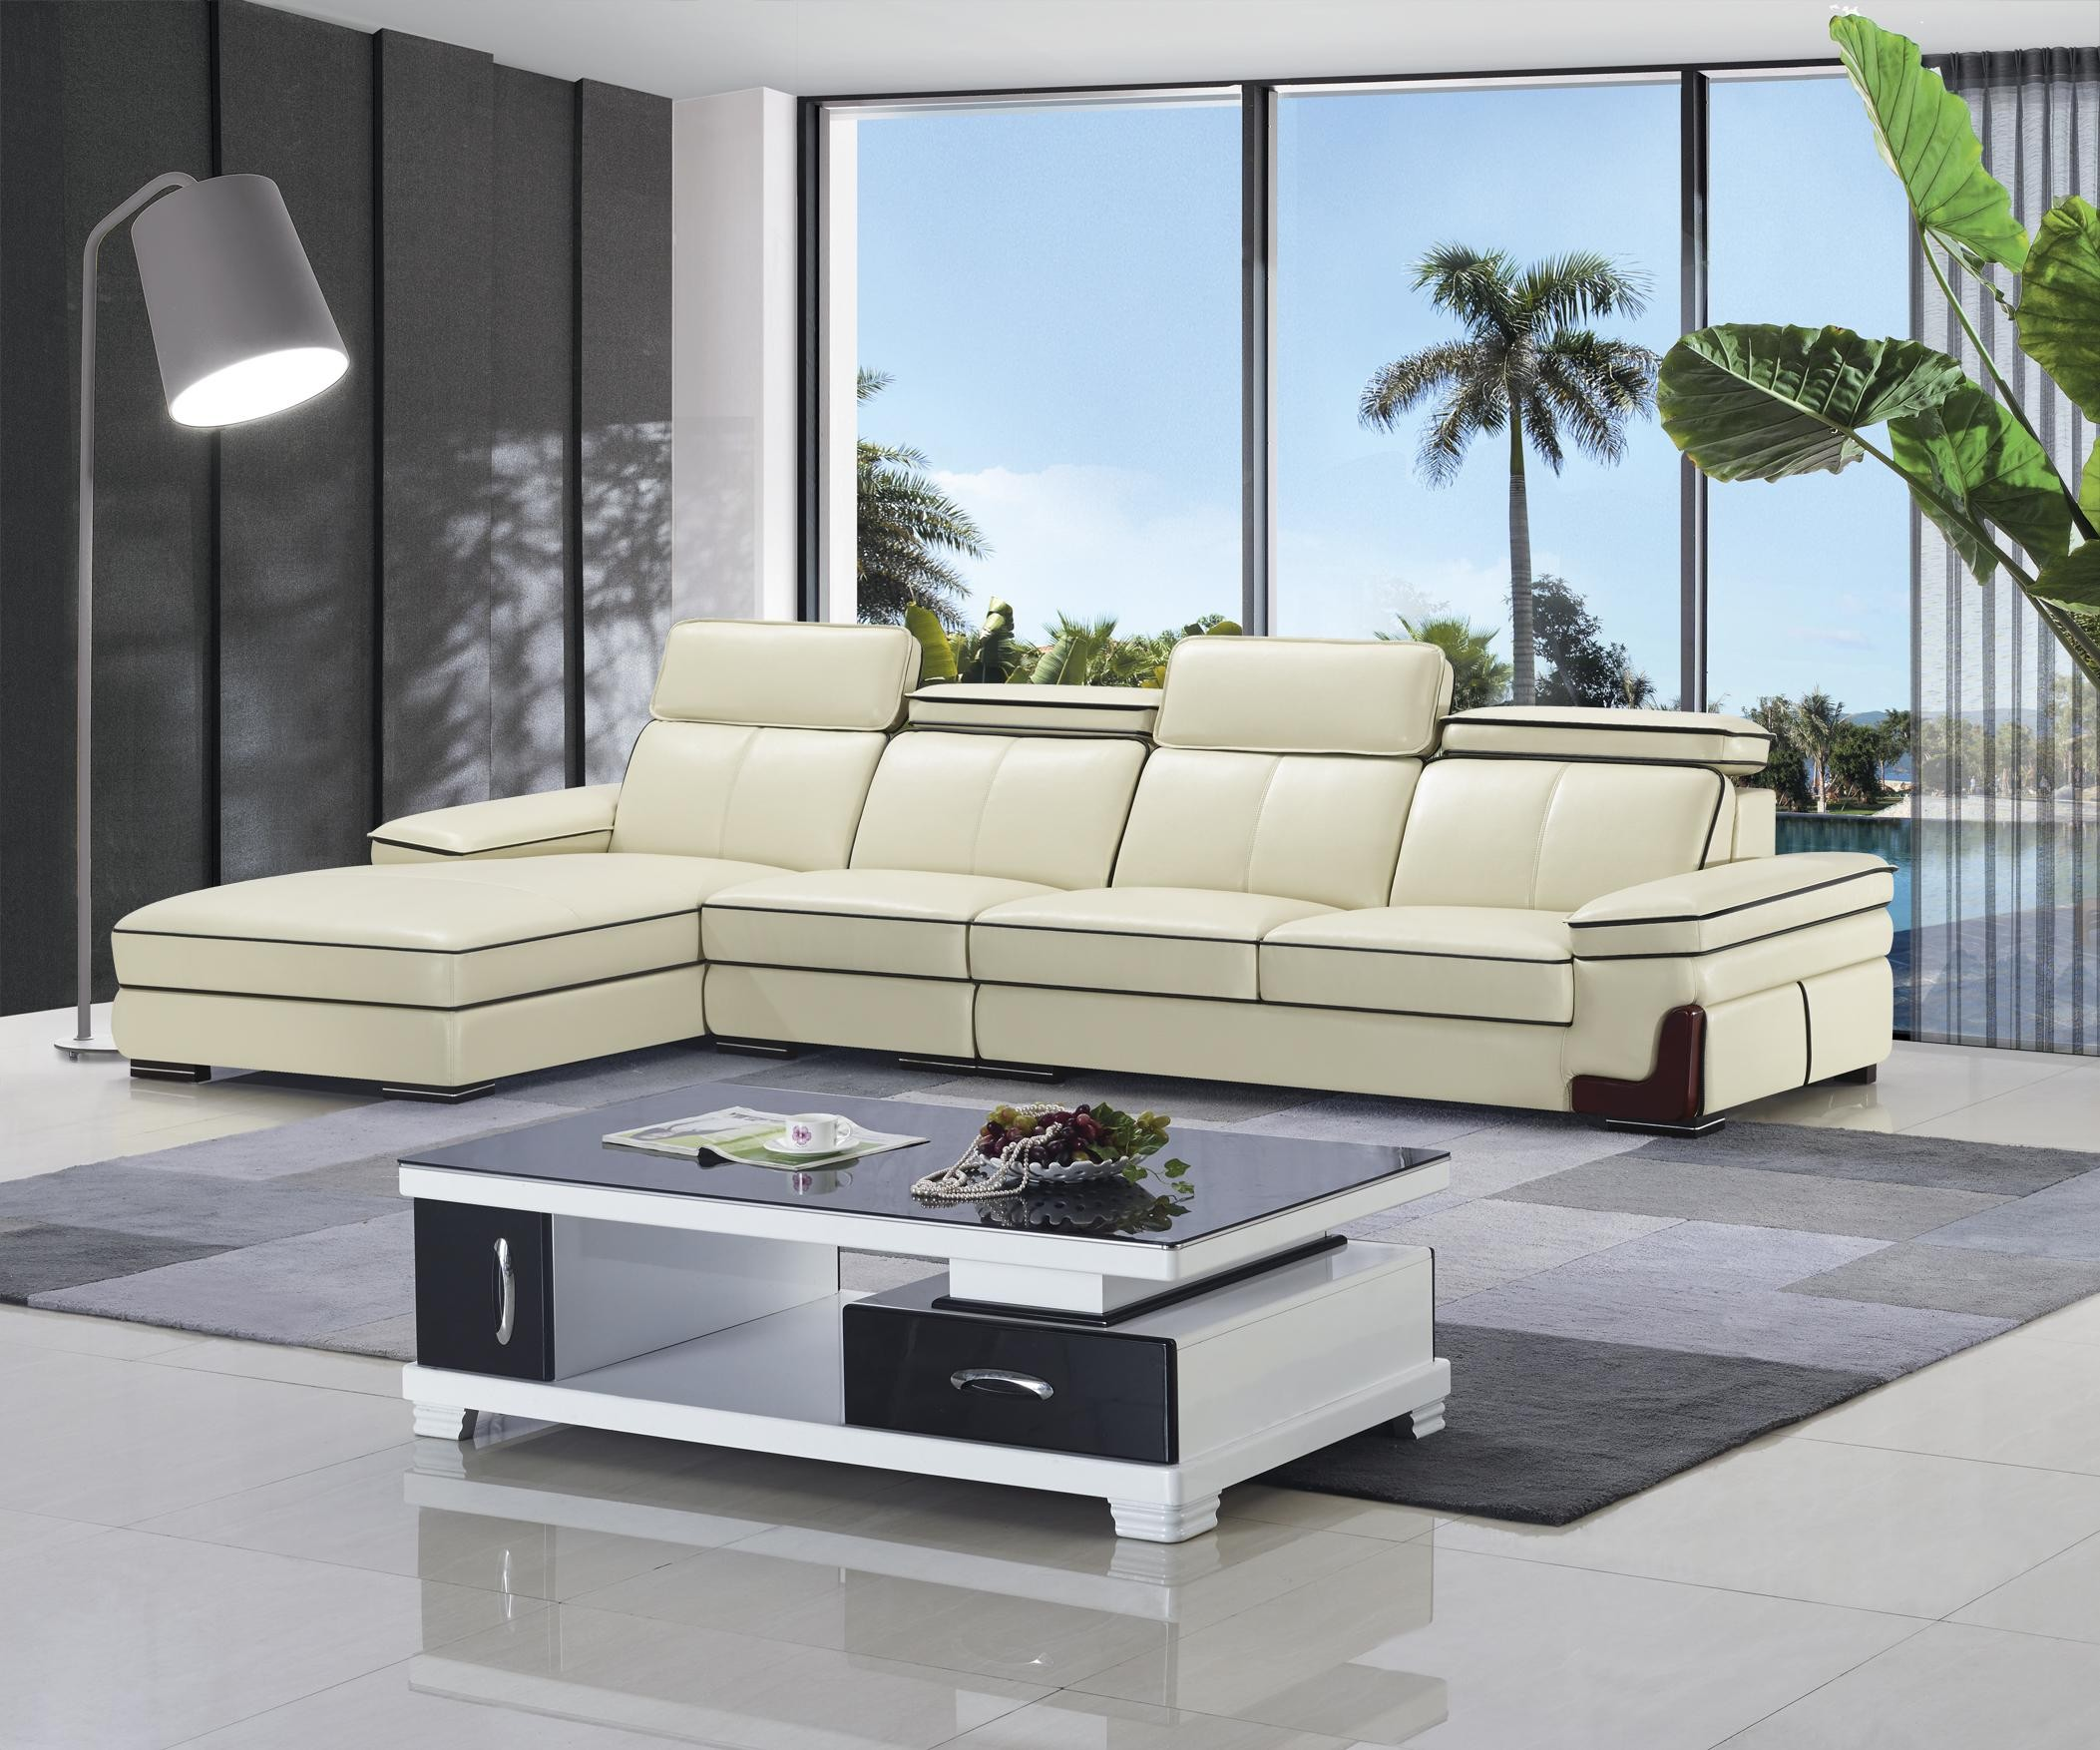 Arredamenti mobili camera da letto soggiorno cucina divani for Ad arredamenti napoli